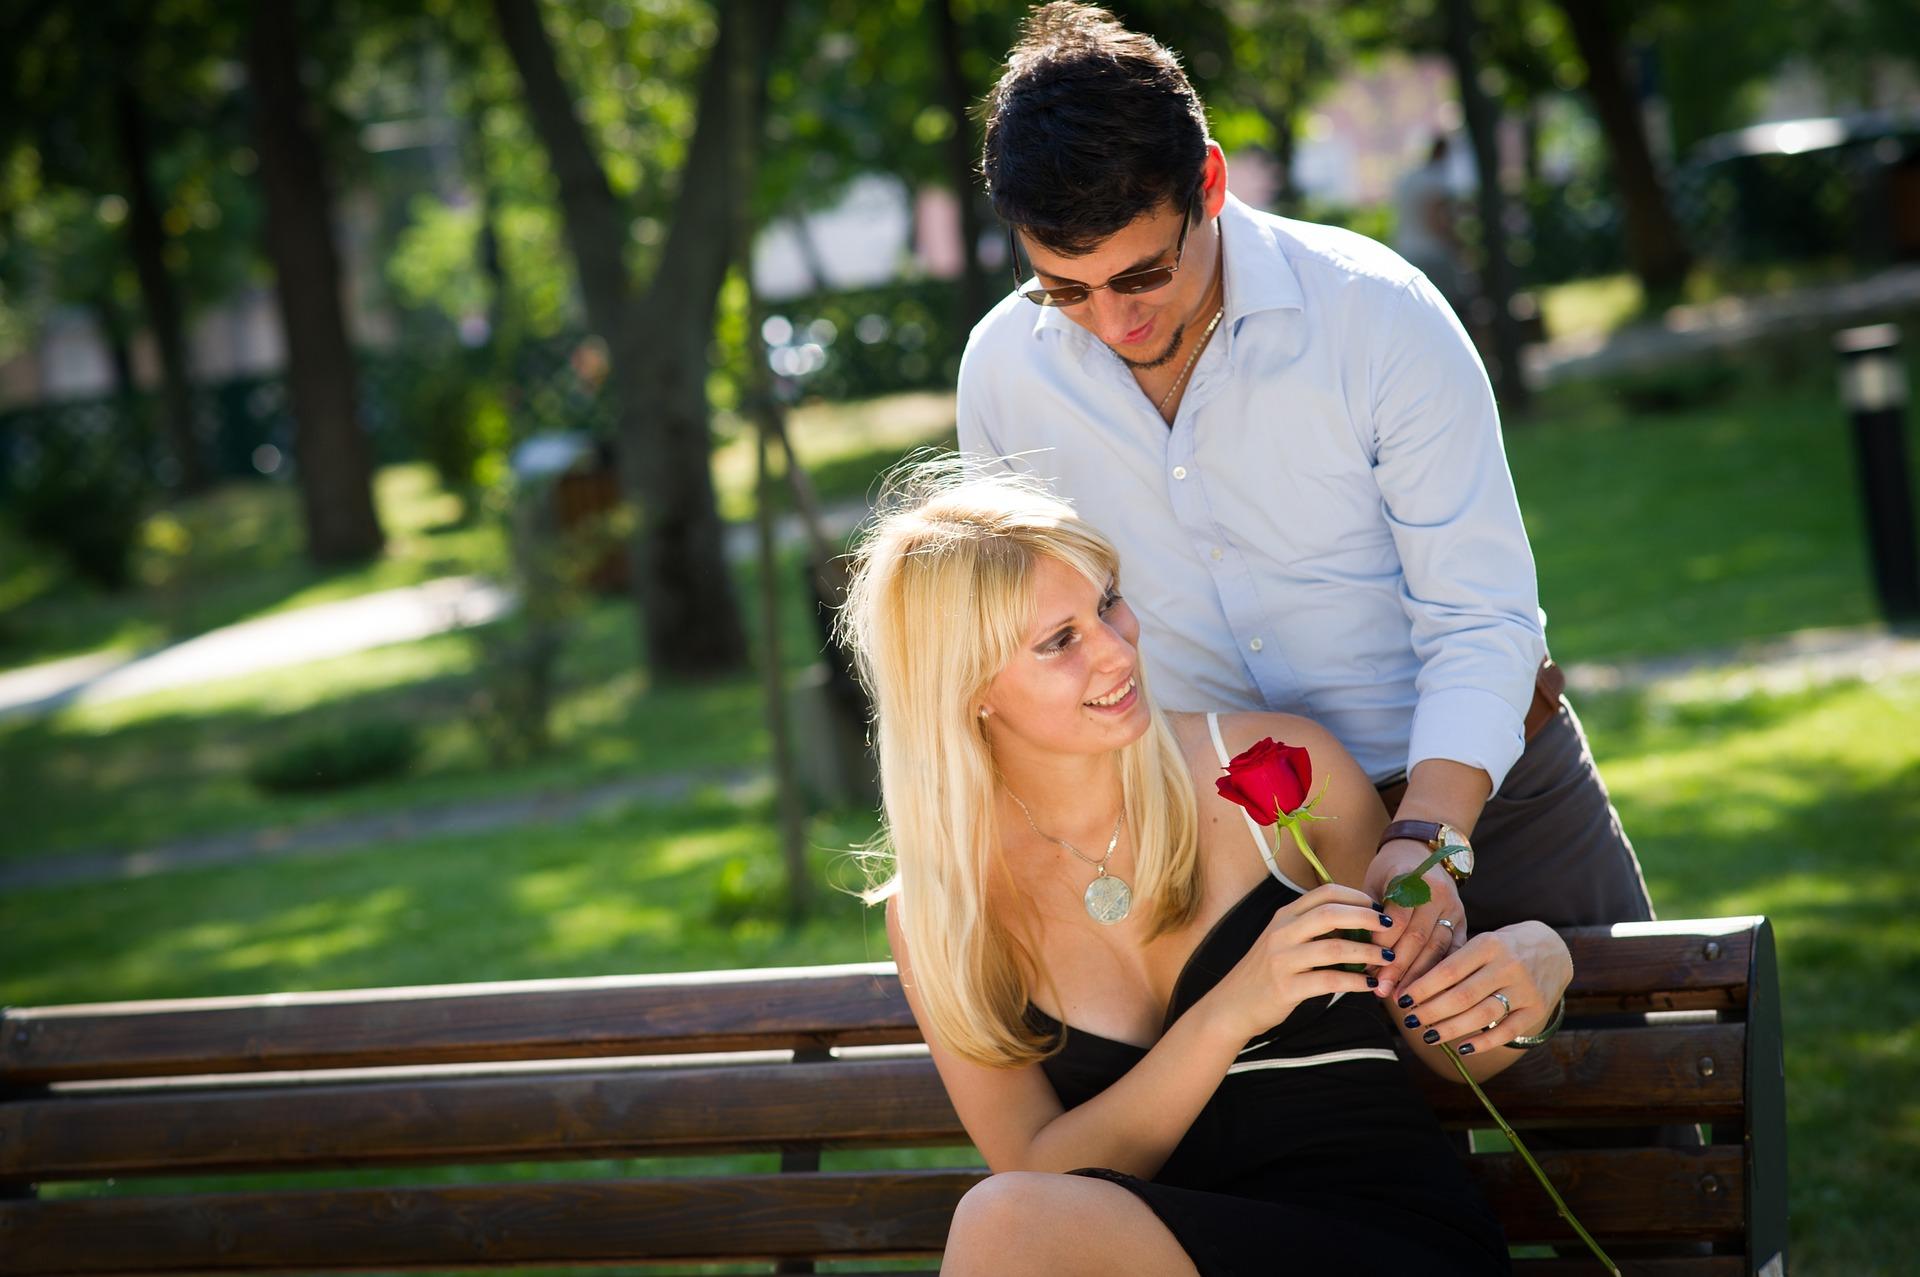 Richtig flirten mit blicken